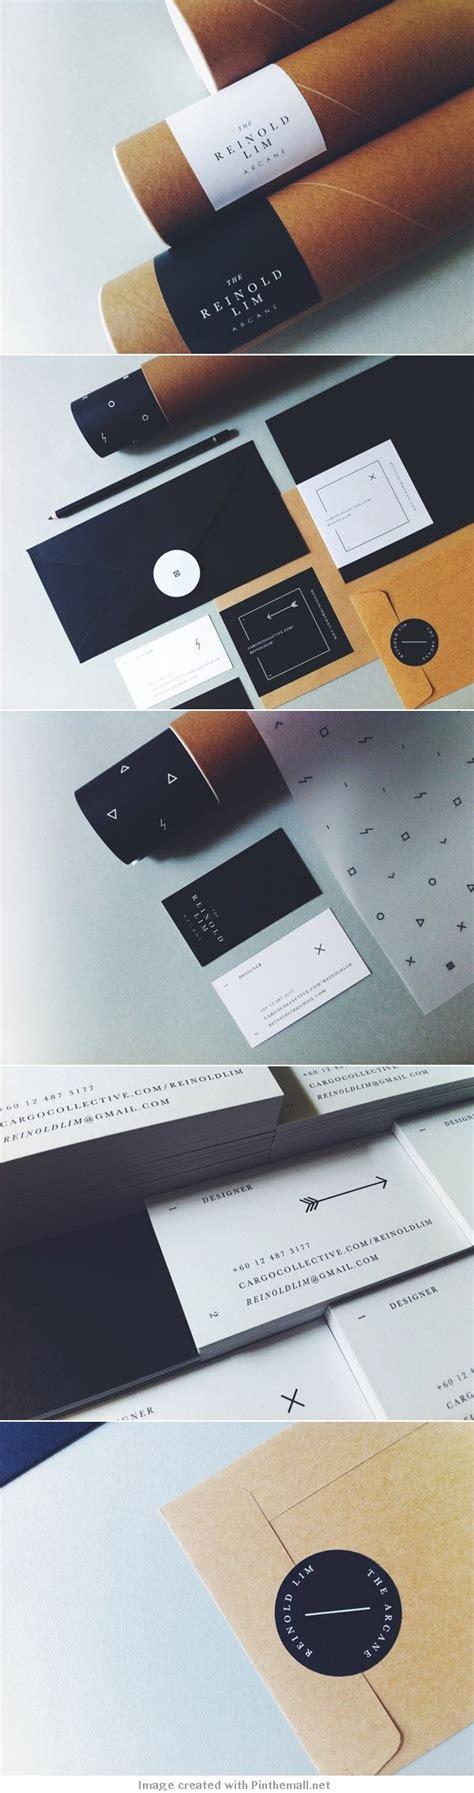 graphic design inspiration picmia